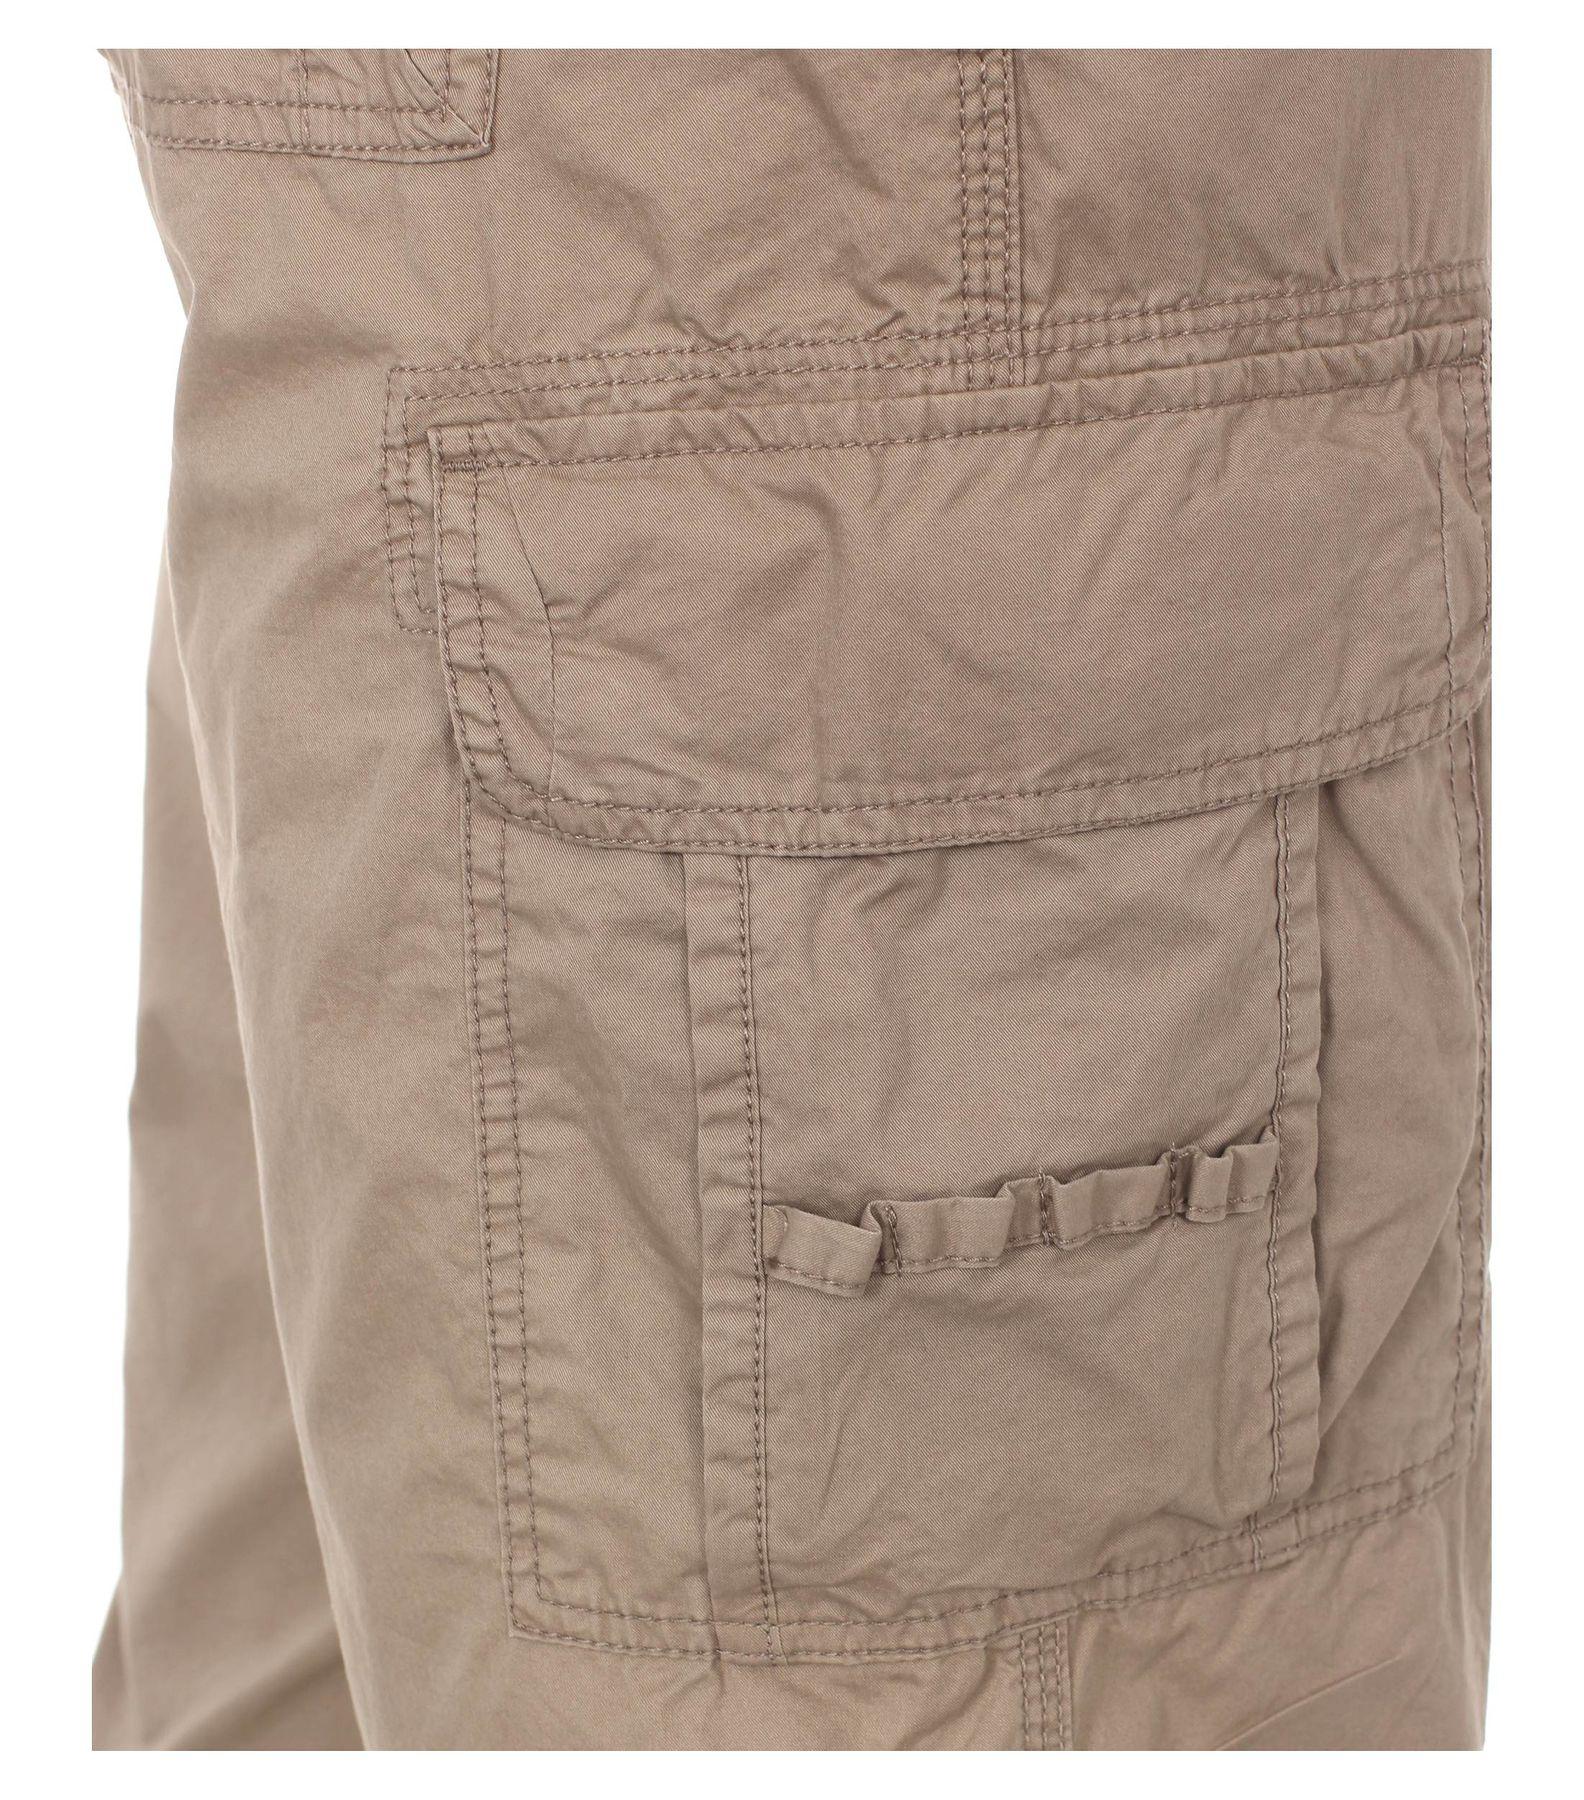 Casa Moda - Herren Shorts Boulders Beach aus 100% Baumwolle mit sieben Taschen (56020) – Bild 5